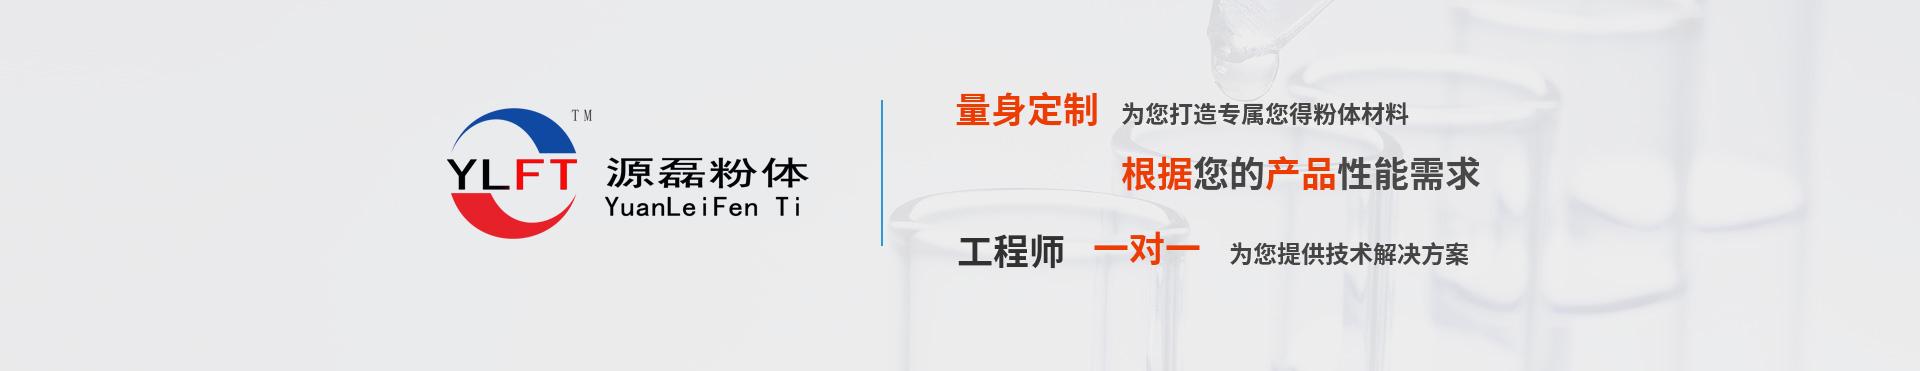 yuanlei